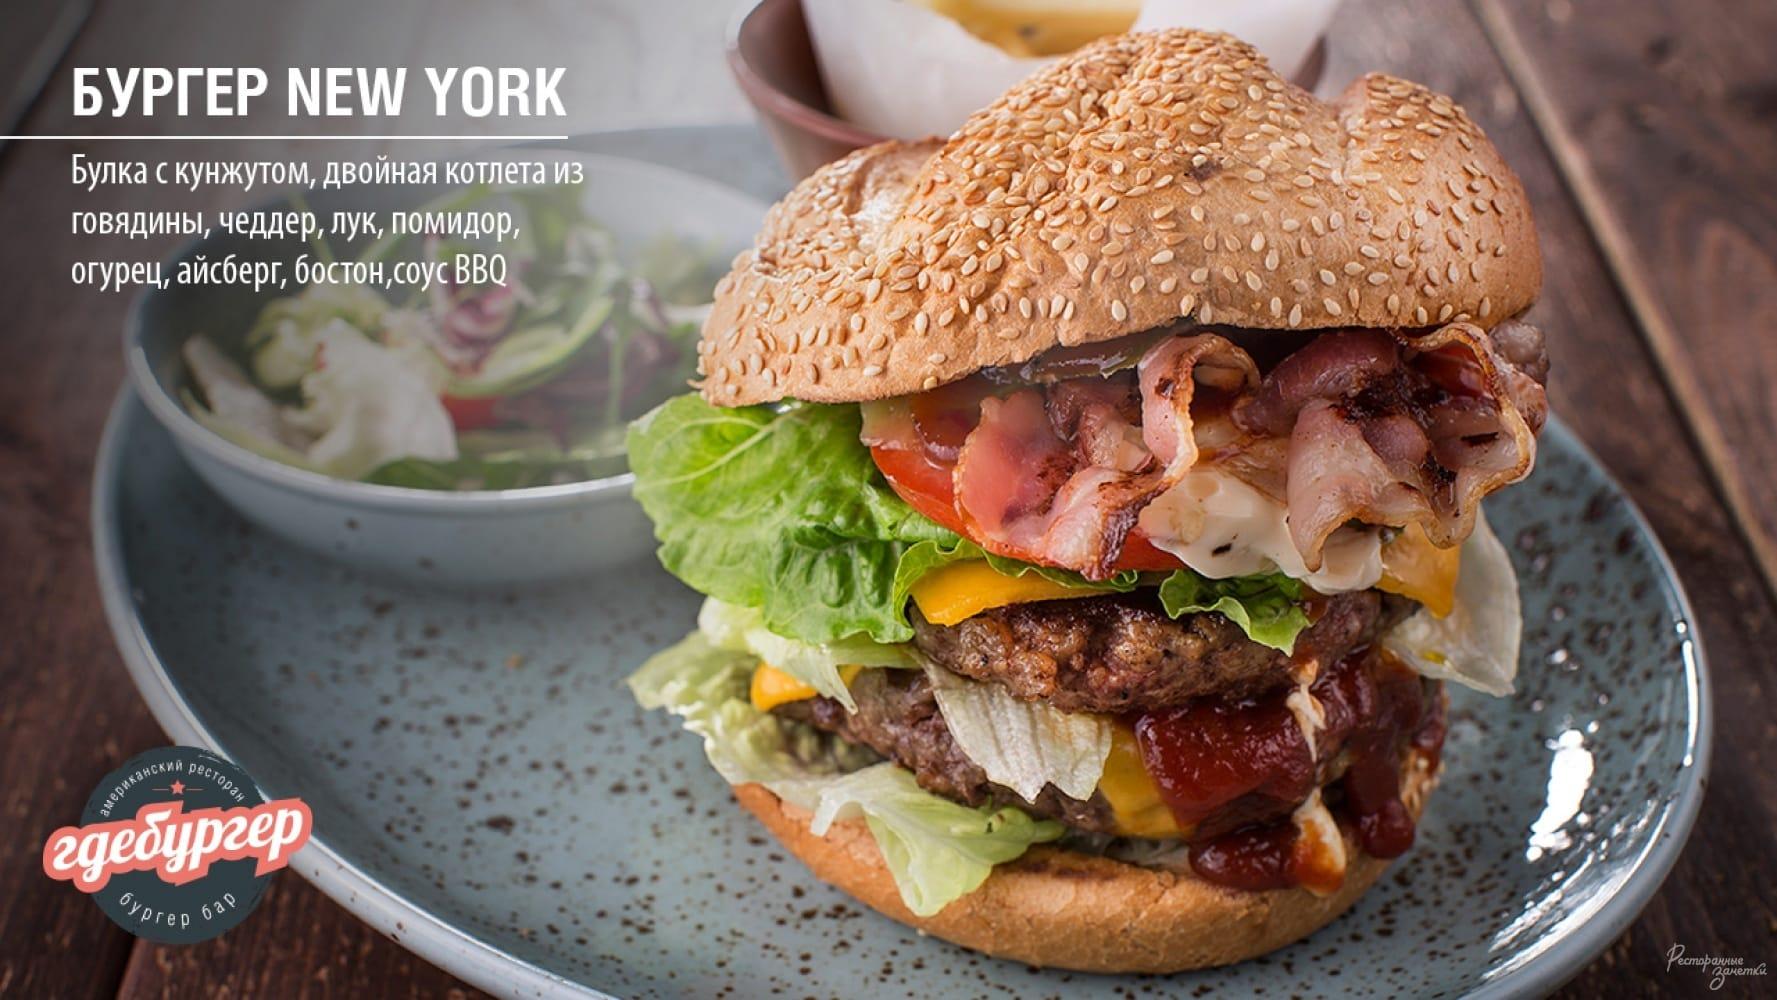 Гдебургер Американский ресторан бургер-бар